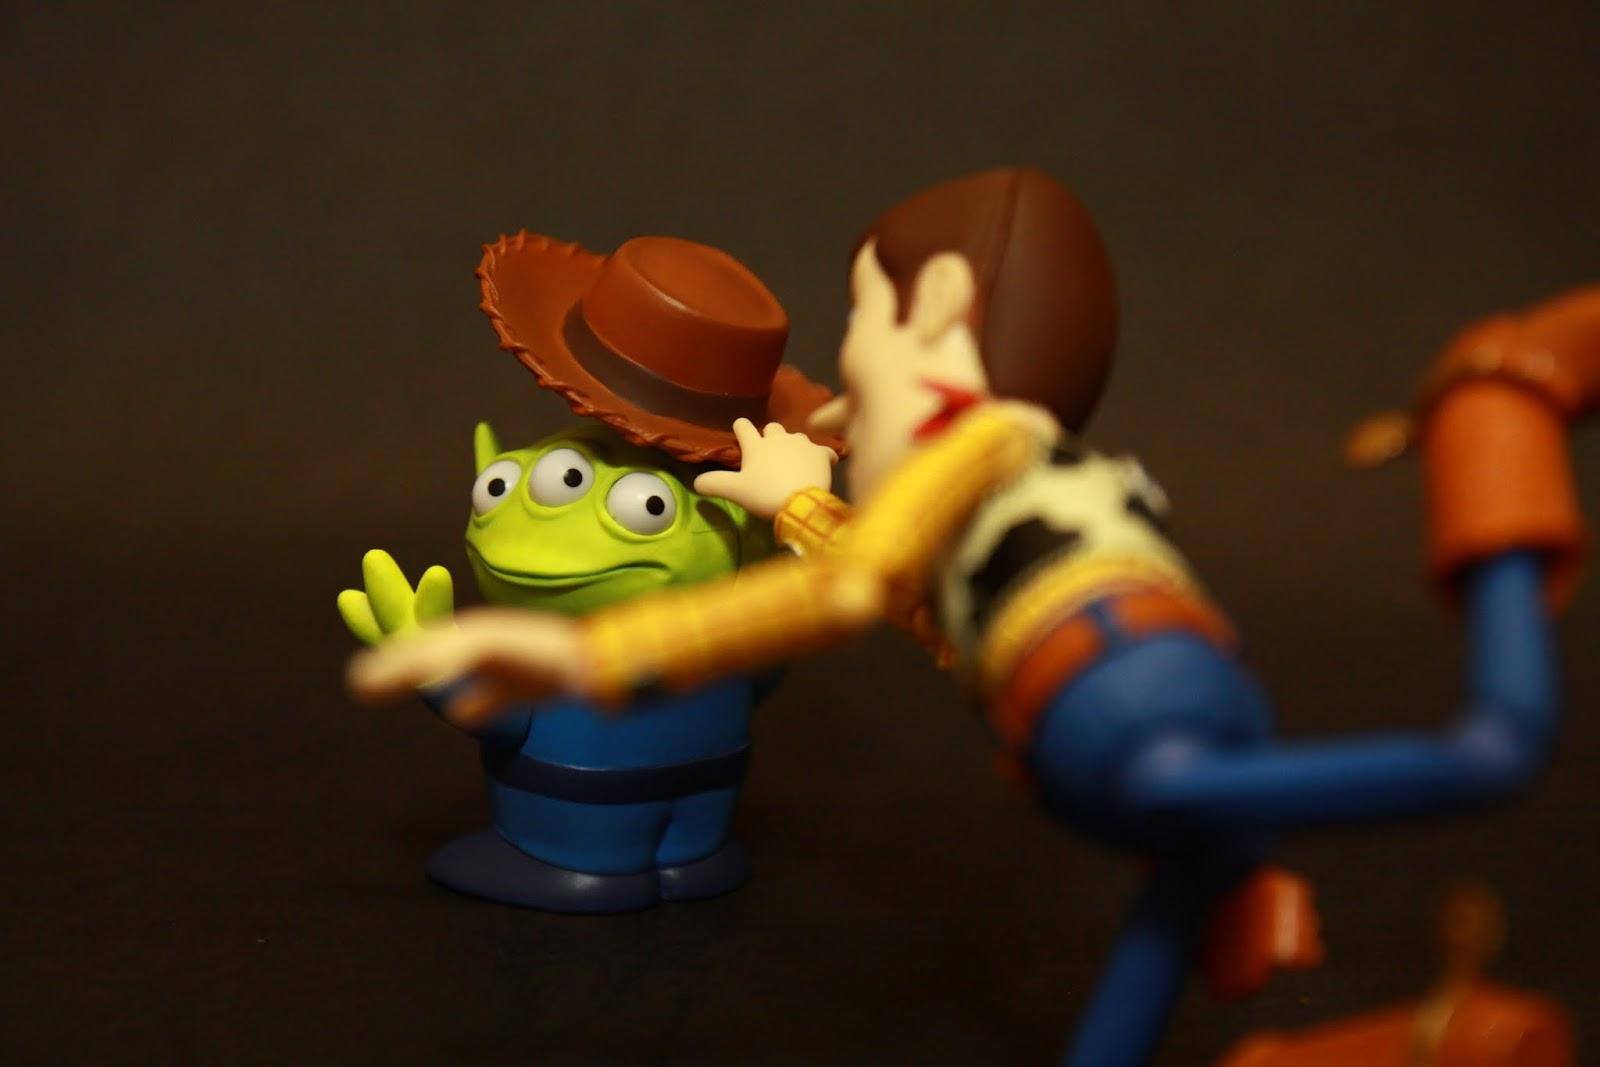 胡迪:看我抓到你啦~~~~~ 三眼外星人:!!!